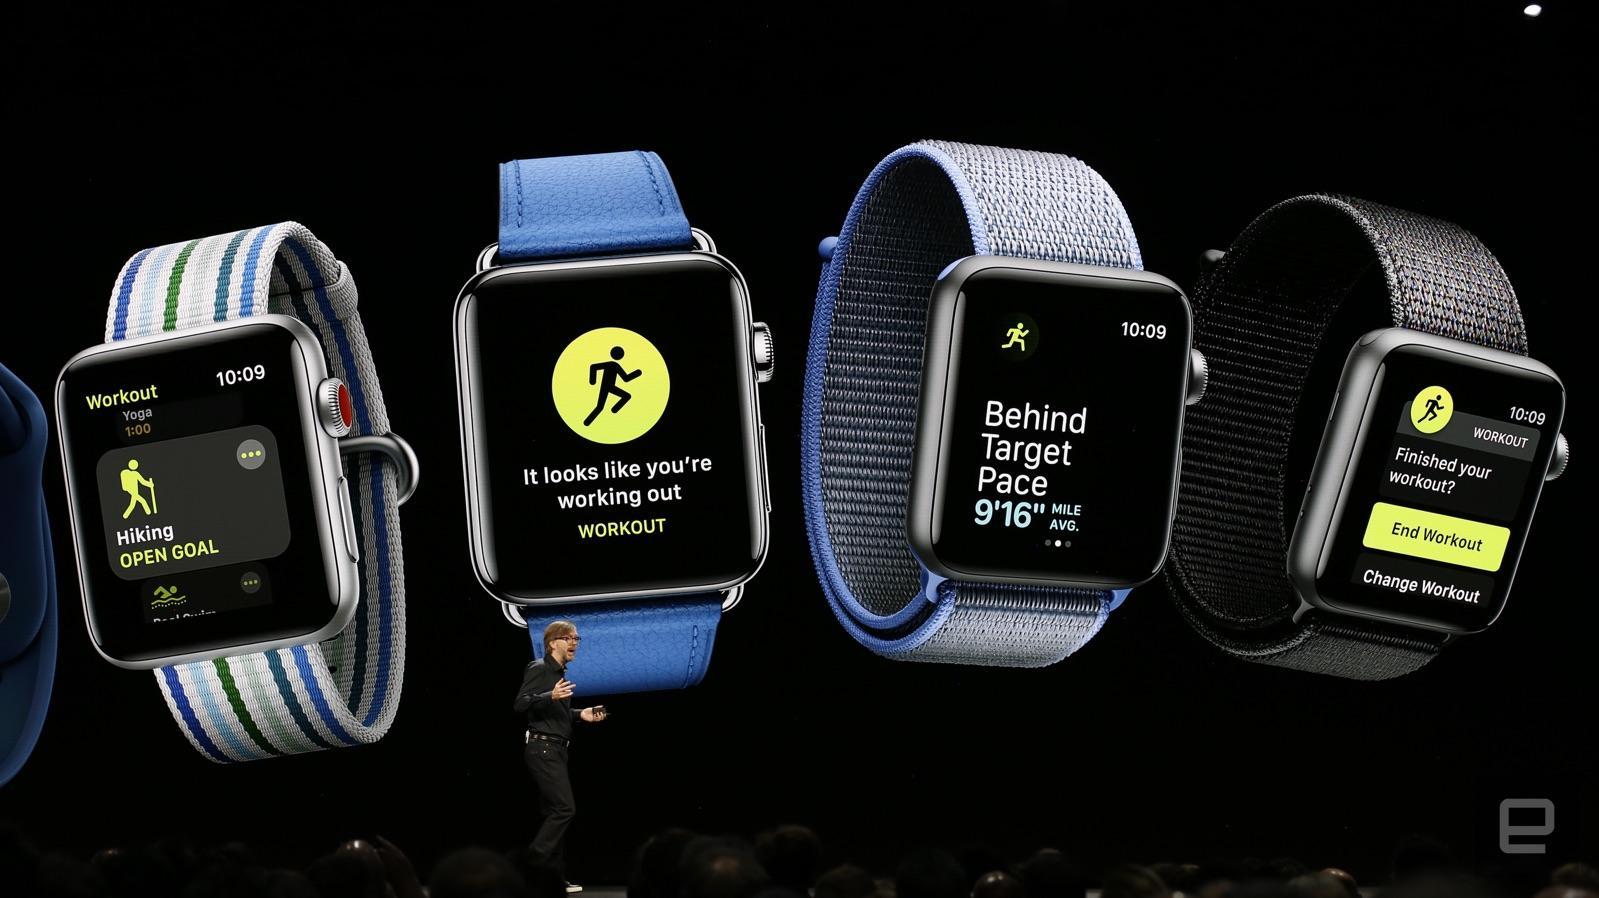 苹果下一步将把watchOS 5重点放在健康追踪上